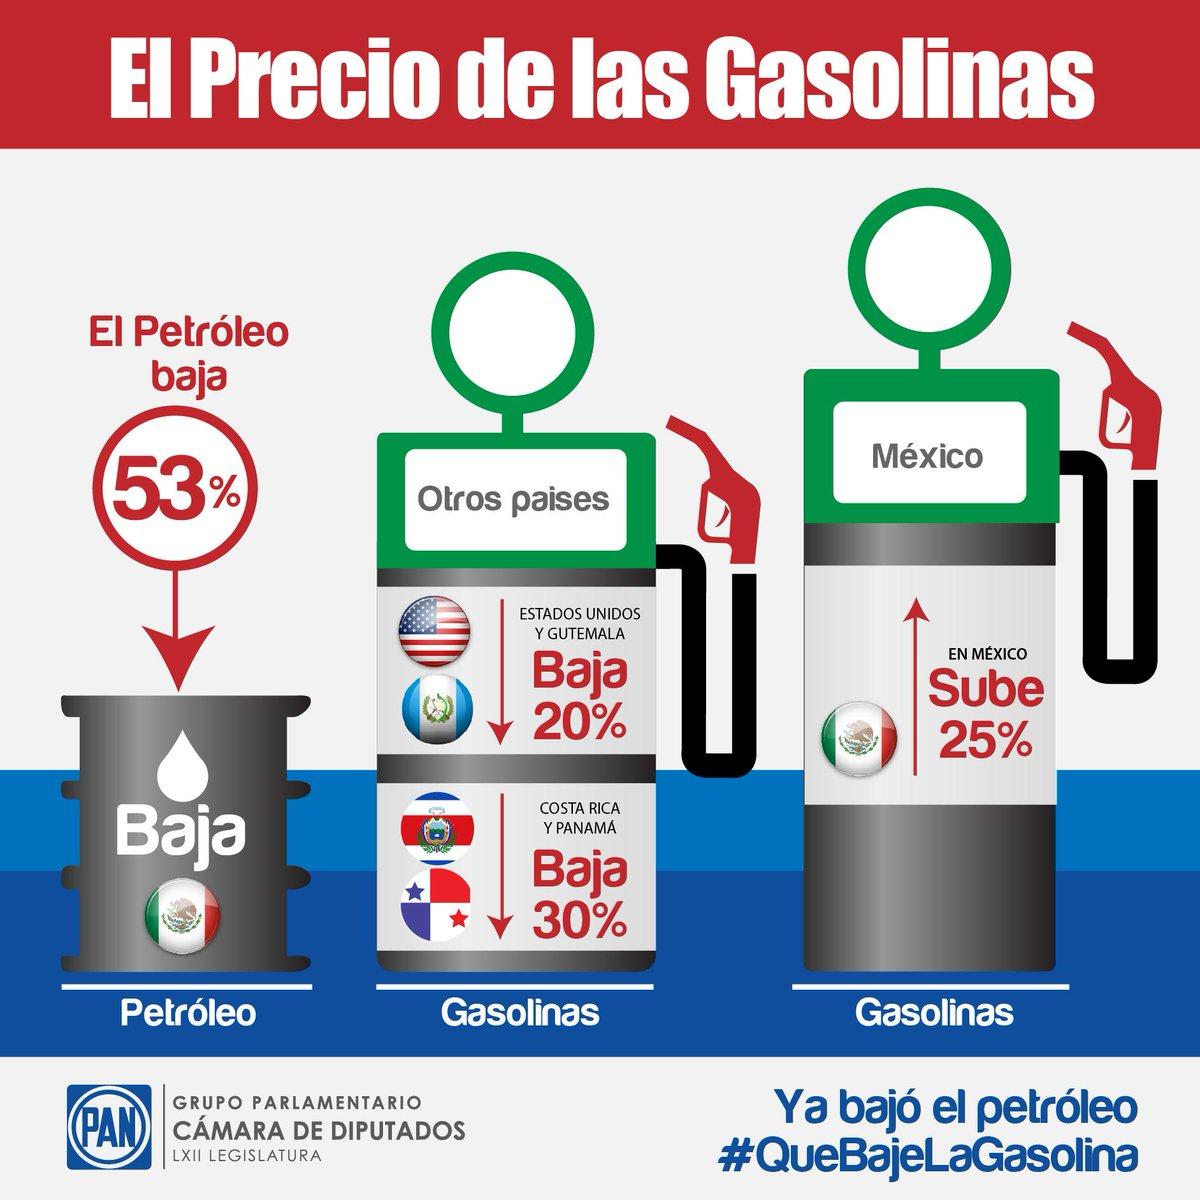 El coste de la gasolina ai 92 en 2012